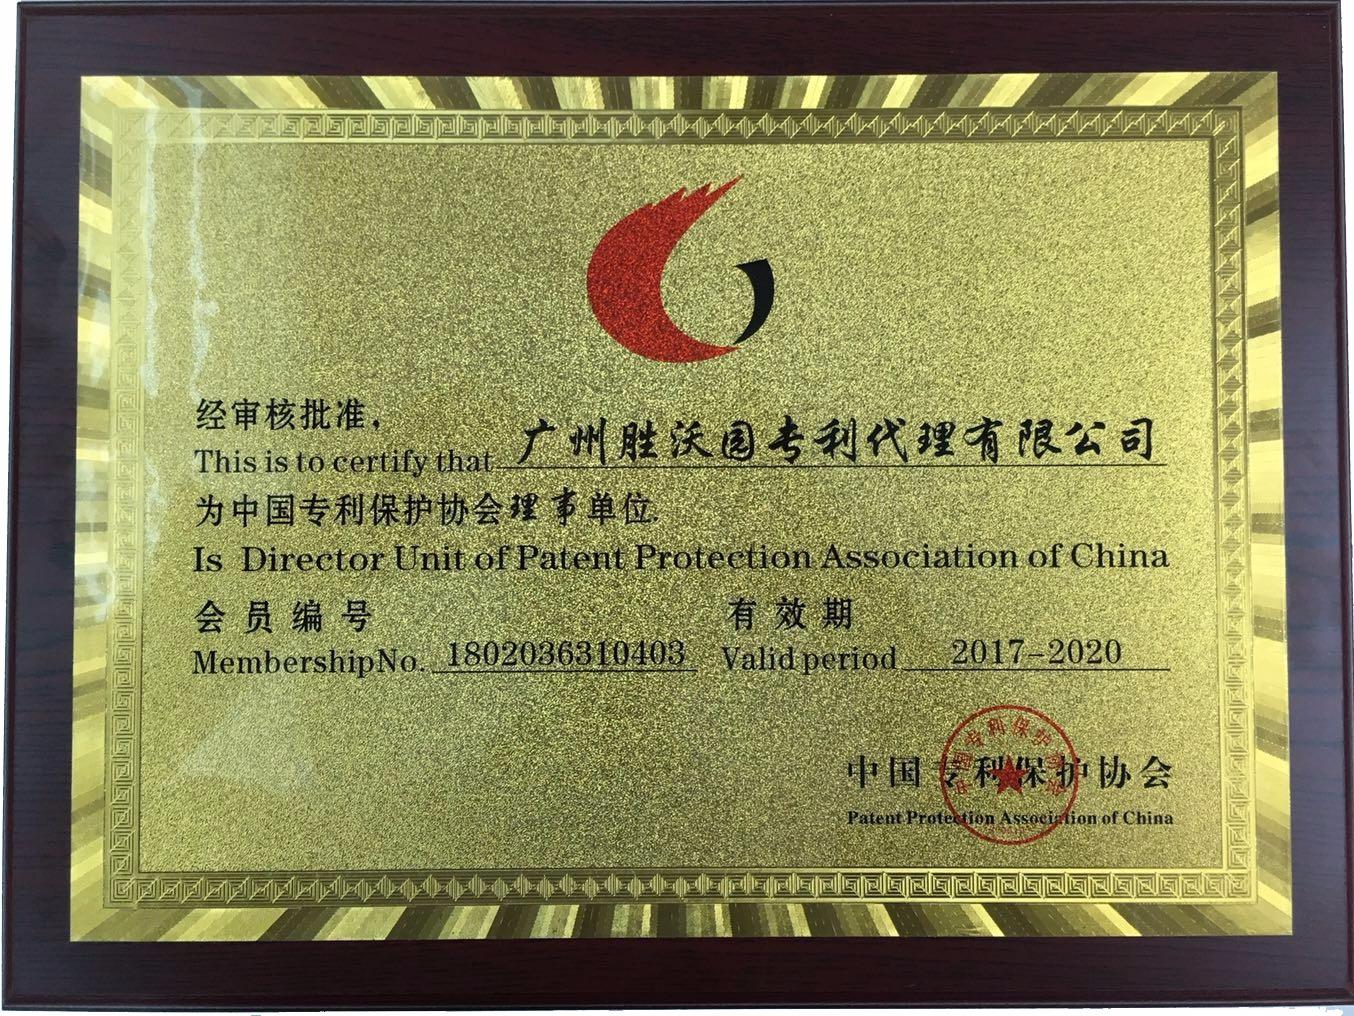 中国专利保护协会理事单位